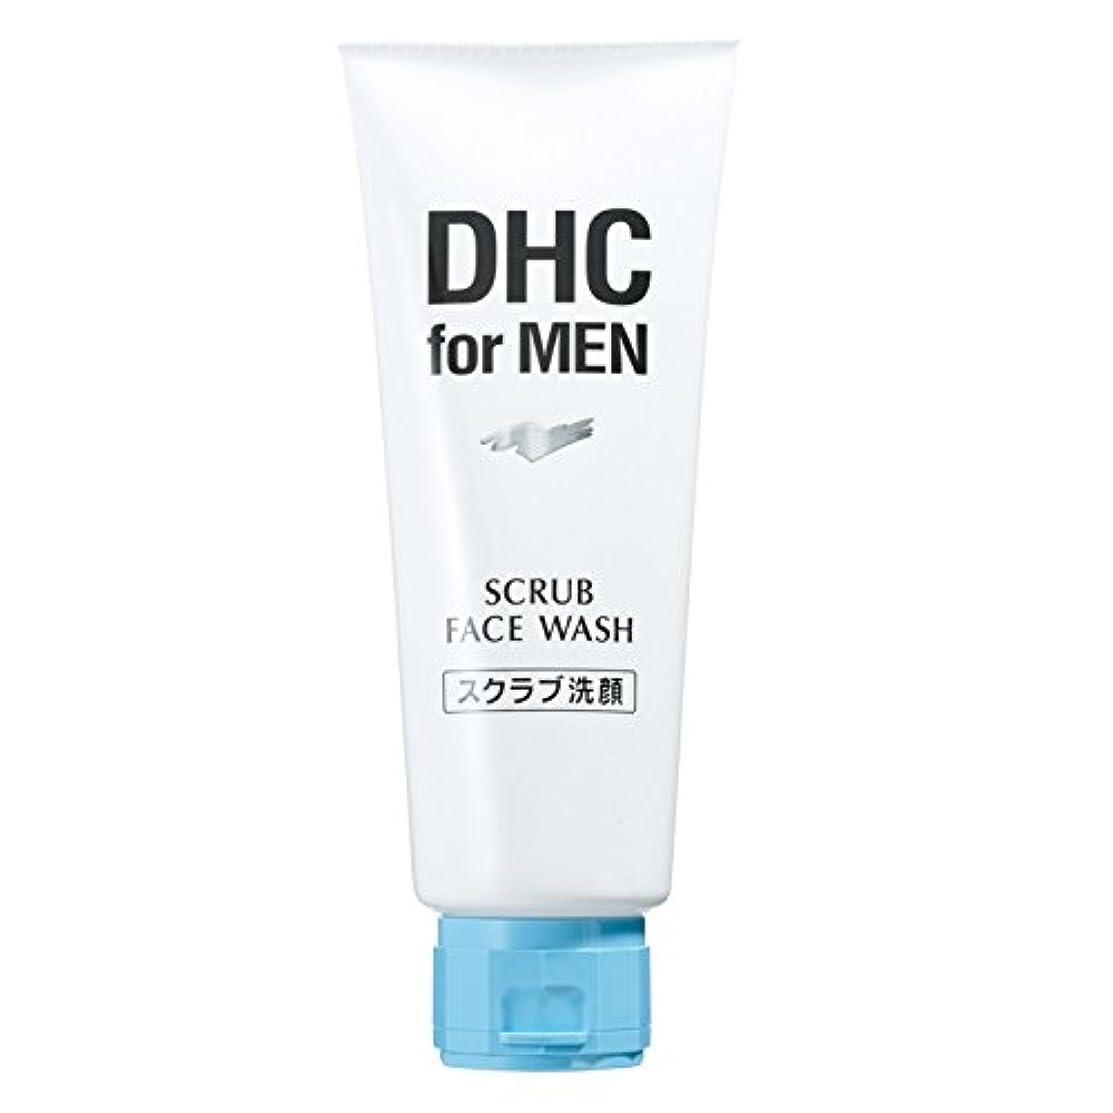 理由提供接続されたDHC スクラブ フェース ウォッシュ 【DHC for MEN】